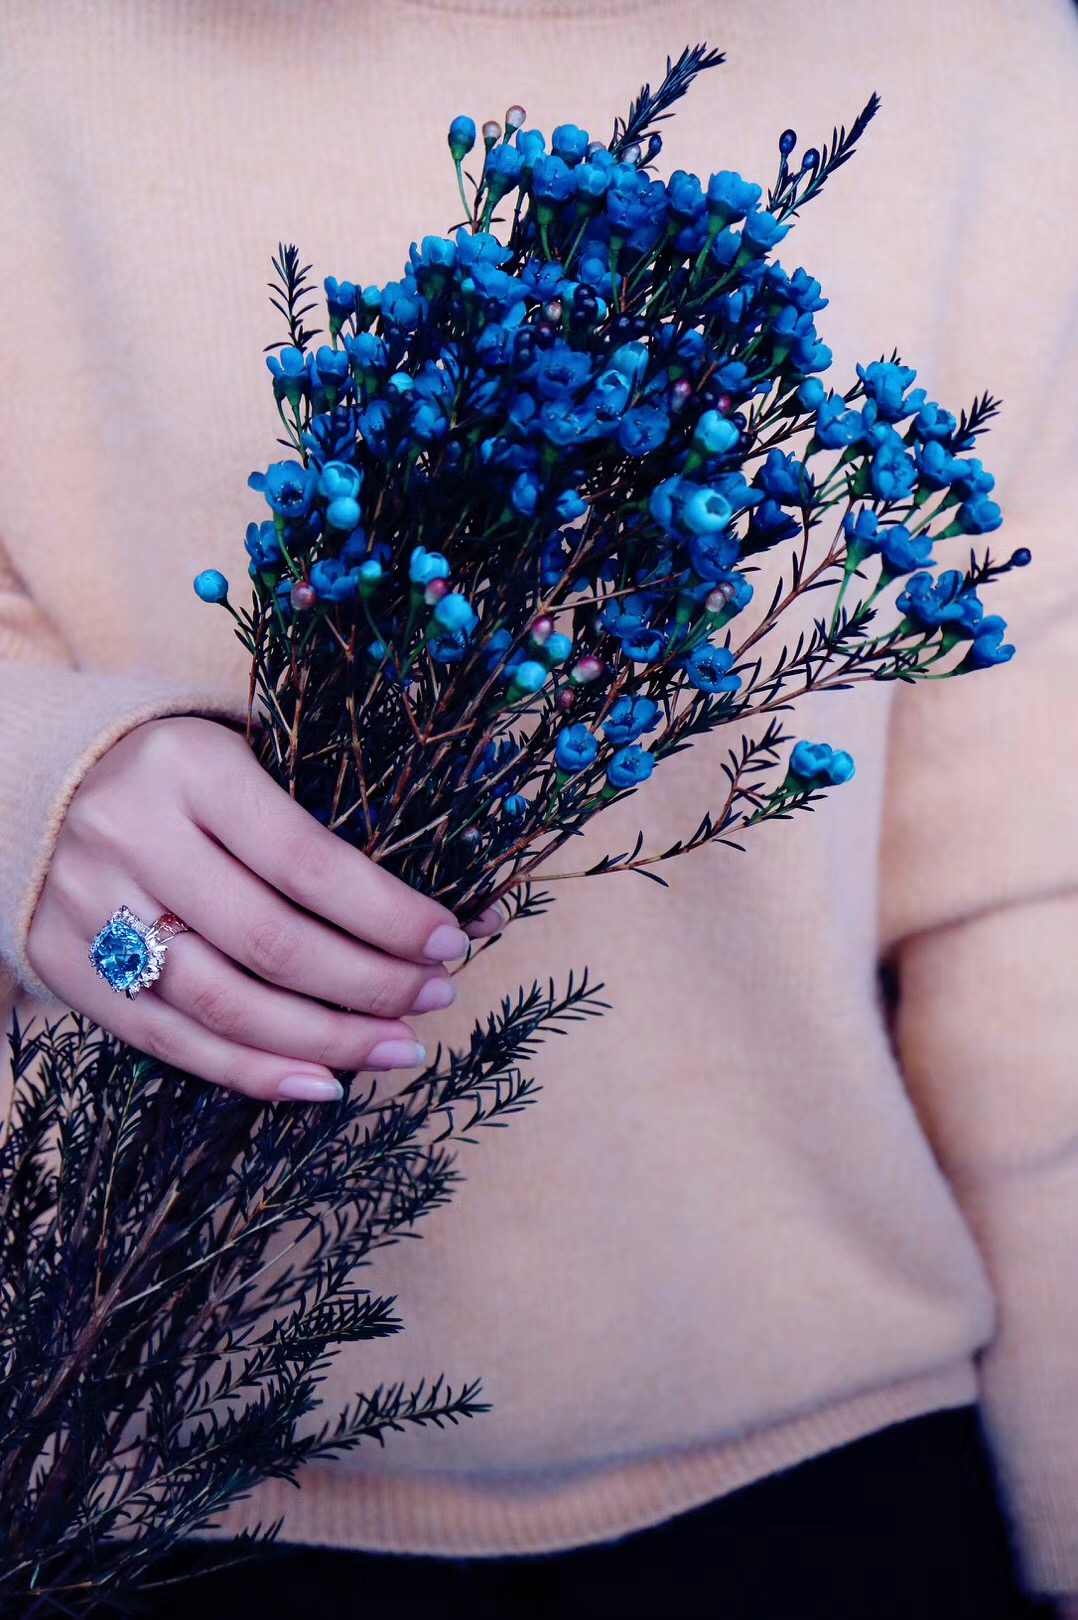 【菩心·托帕石钻戒-捧花💐】你是交织的梦里最皎洁的月  是温柔宇宙 是我闪烁回忆-菩心晶舍